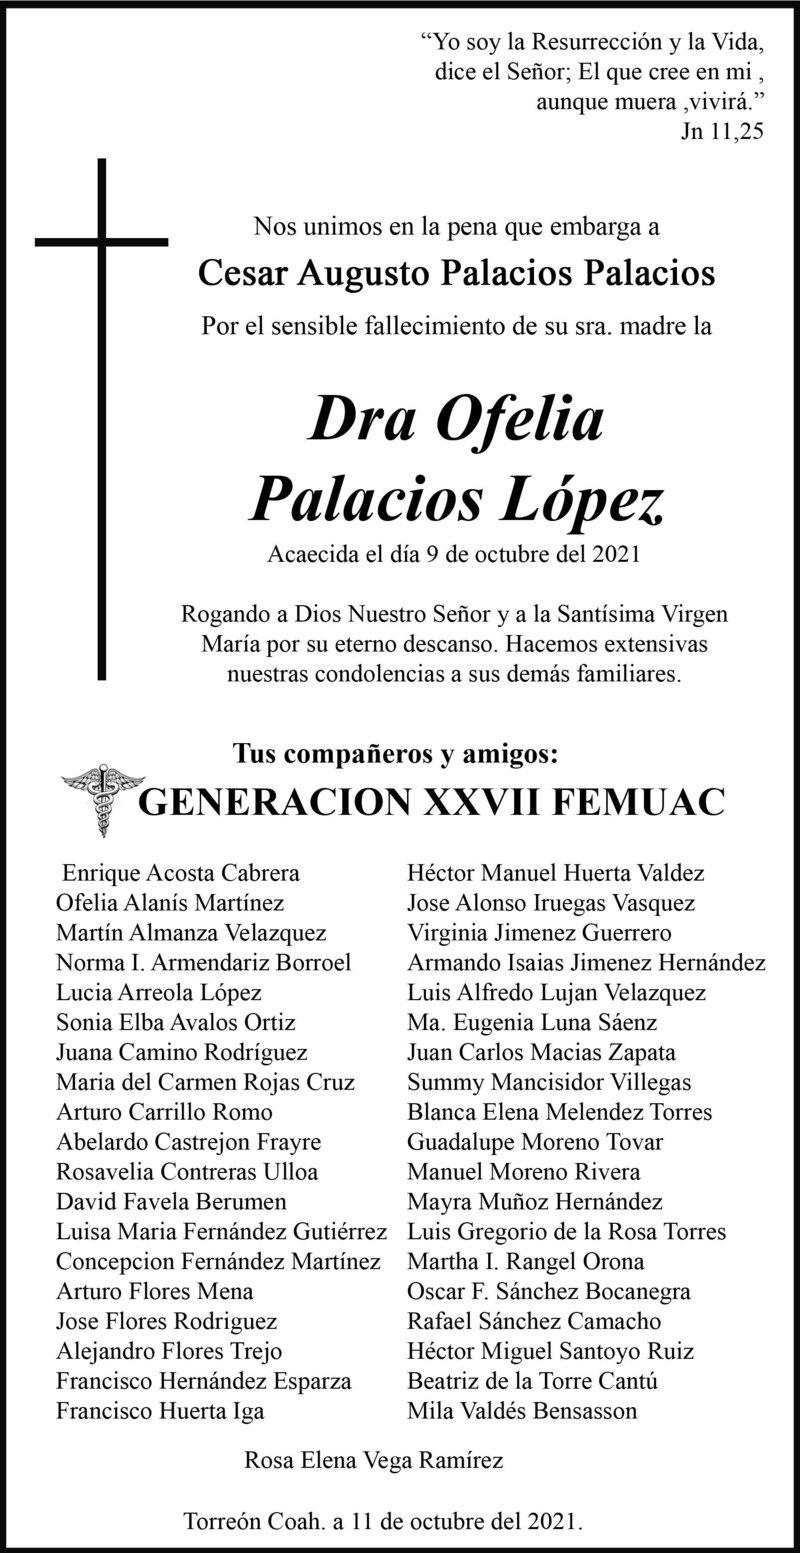 CONDOLENCIA: DRA. OFELIA PALACIOS LÓPEZ. La generación XXVII FEMUAC, se une a la pena que embarga a Cesar Augusto Palacios Palacios, por el fallecimiento de su querida madre, la Dra. Ofelia. Eterno descanso de su alma.